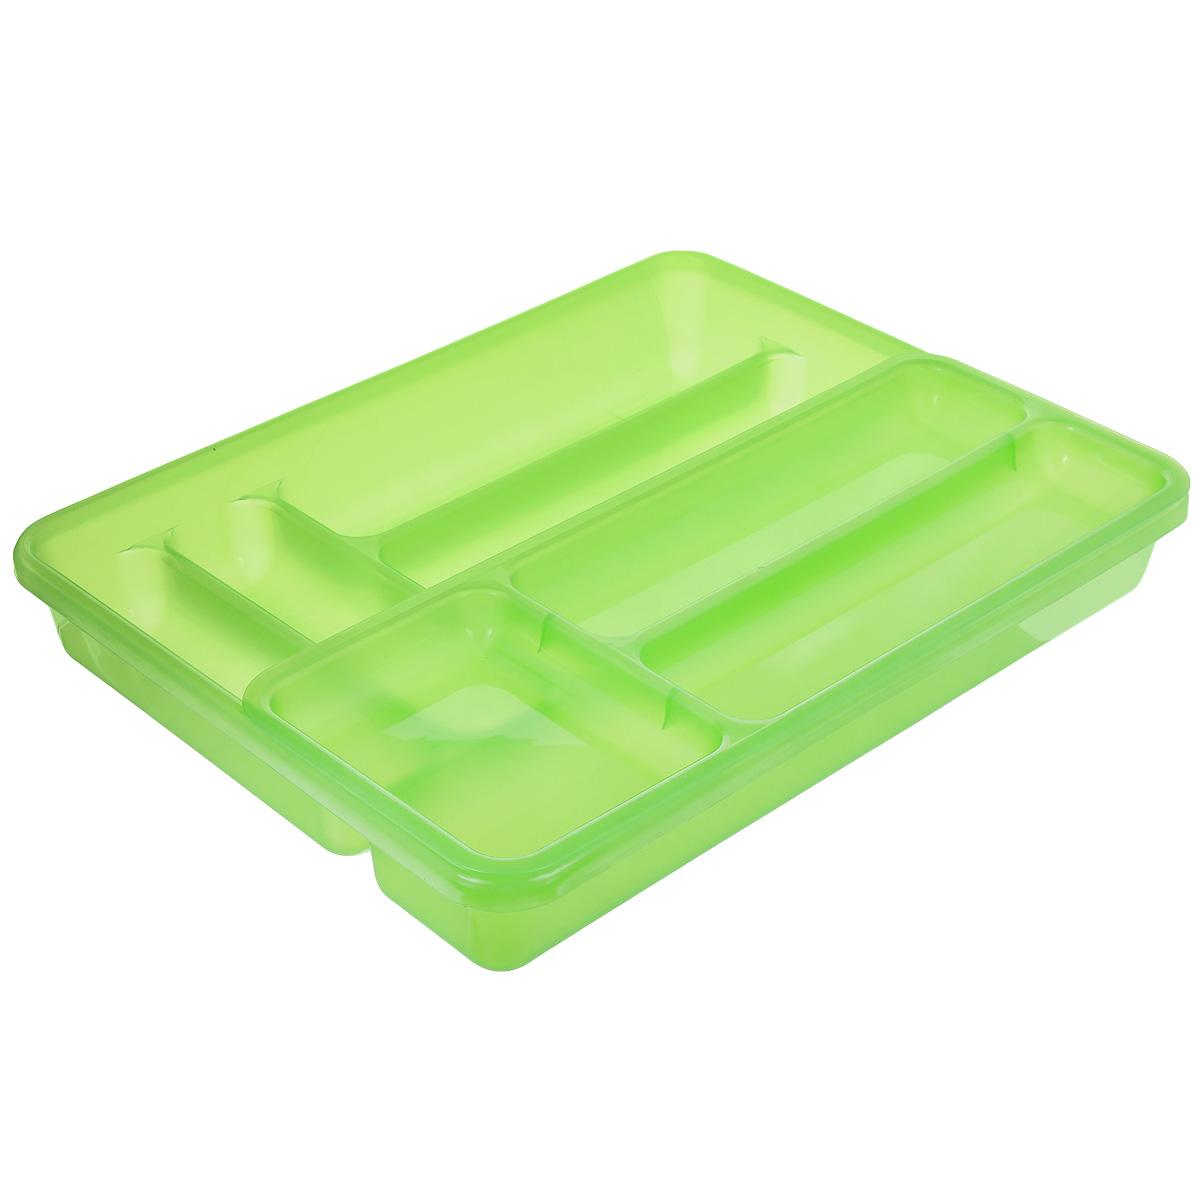 Лоток для столовых приборов Cosmoplast, двойной, цвет: зеленый, 40 х 30 смВетерок 2ГФЛоток для столовых приборов Cosmoplast изготовлен из пластика. Изделие имеет 3 одинаковых секции для столовых ложек, вилок и ножей, 2 секции для чайных ложек и других мелких столовых приборов и длинную секцию для различных кухонных принадлежностей. Лоток оснащен съемным отделением с 3 дополнительными секциями. Помещается в любой кухонный ящик.